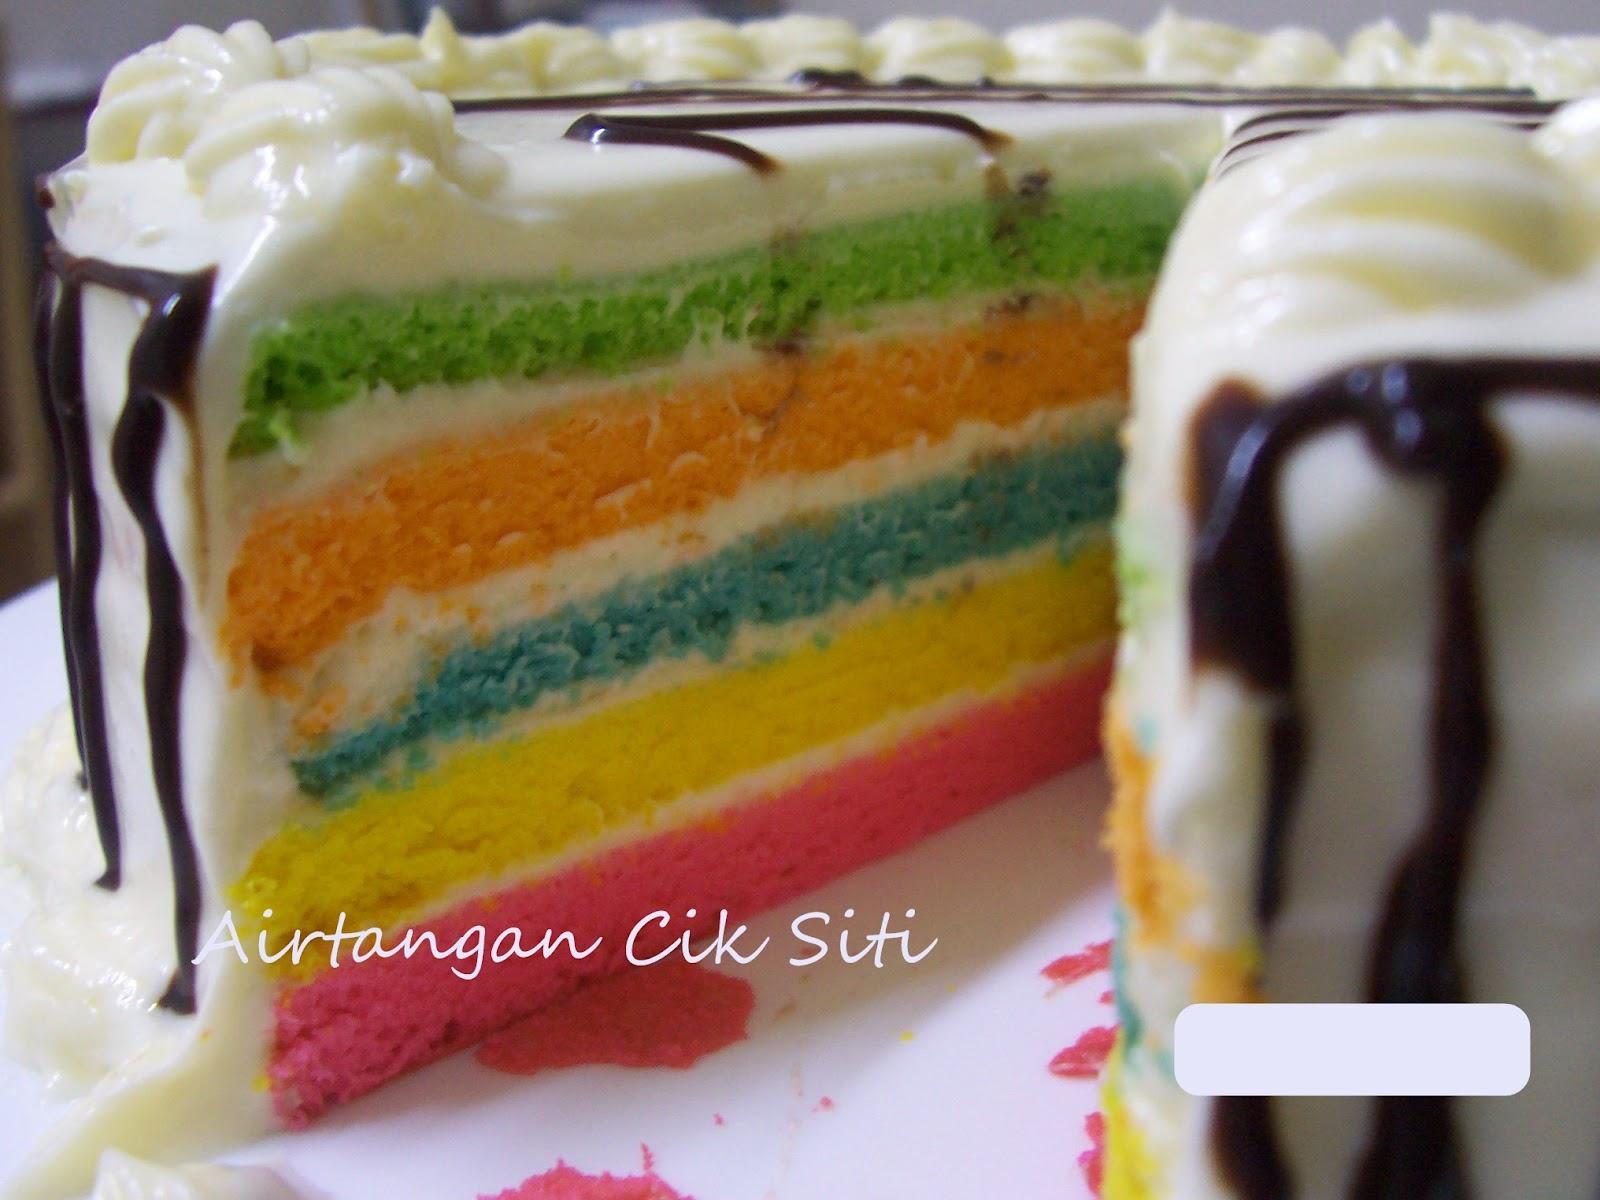 Airtangan Cik Siti: Rainbow Cake lagi